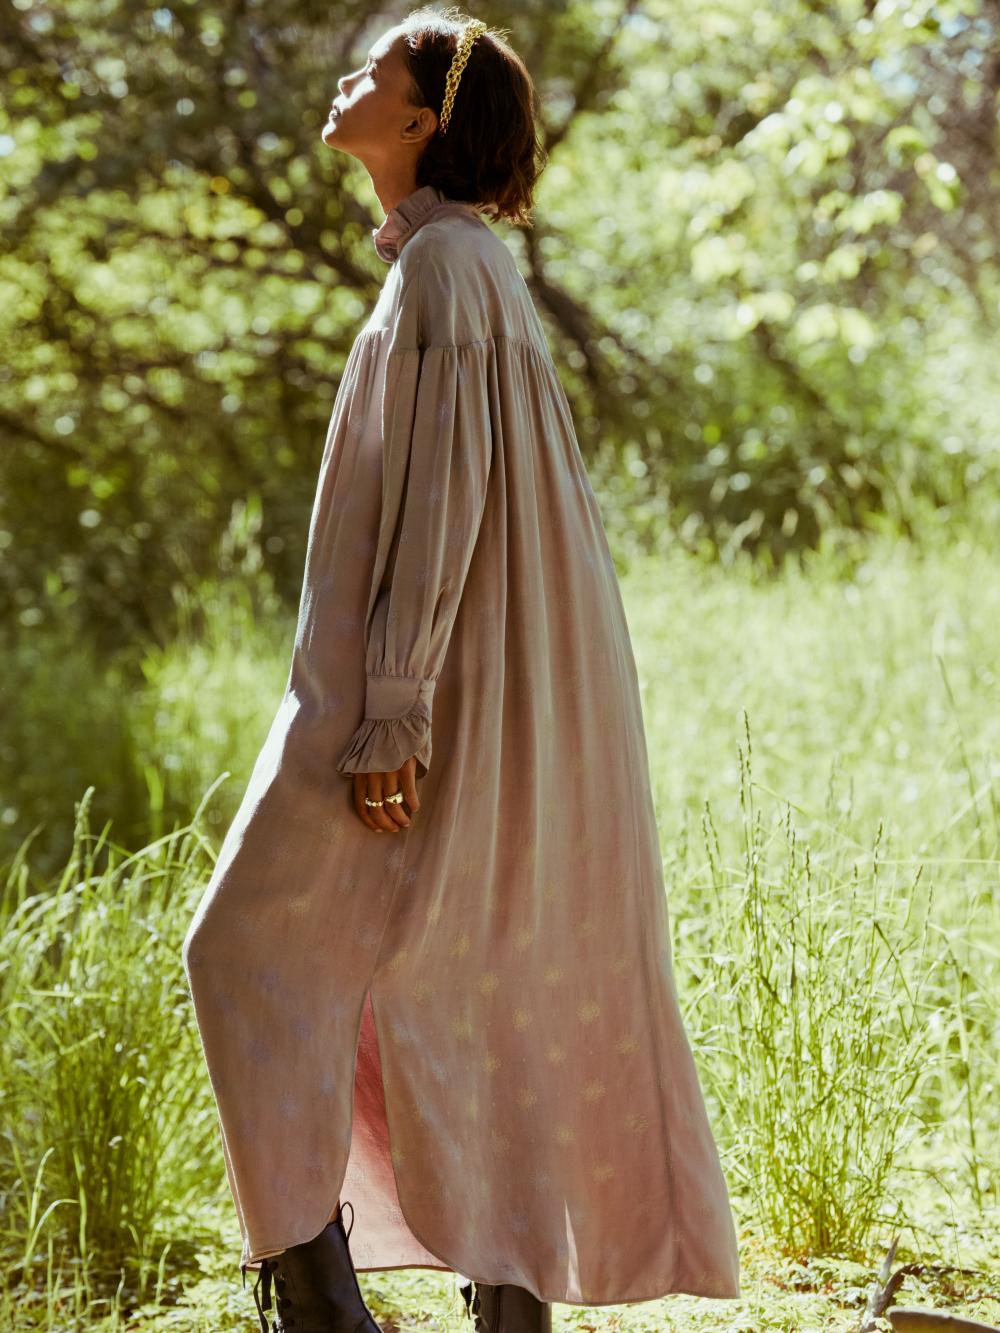 """Thông qua bộ sưu tập Fleur du Soleil, tôi muốn truyền tải một thông điệp về hy vọng đên với phụ nữ trên toàn thế giới, đây cũng là điều mà chúng ta thực sự cần vào lúc này"""" - Sandra Mansour"""